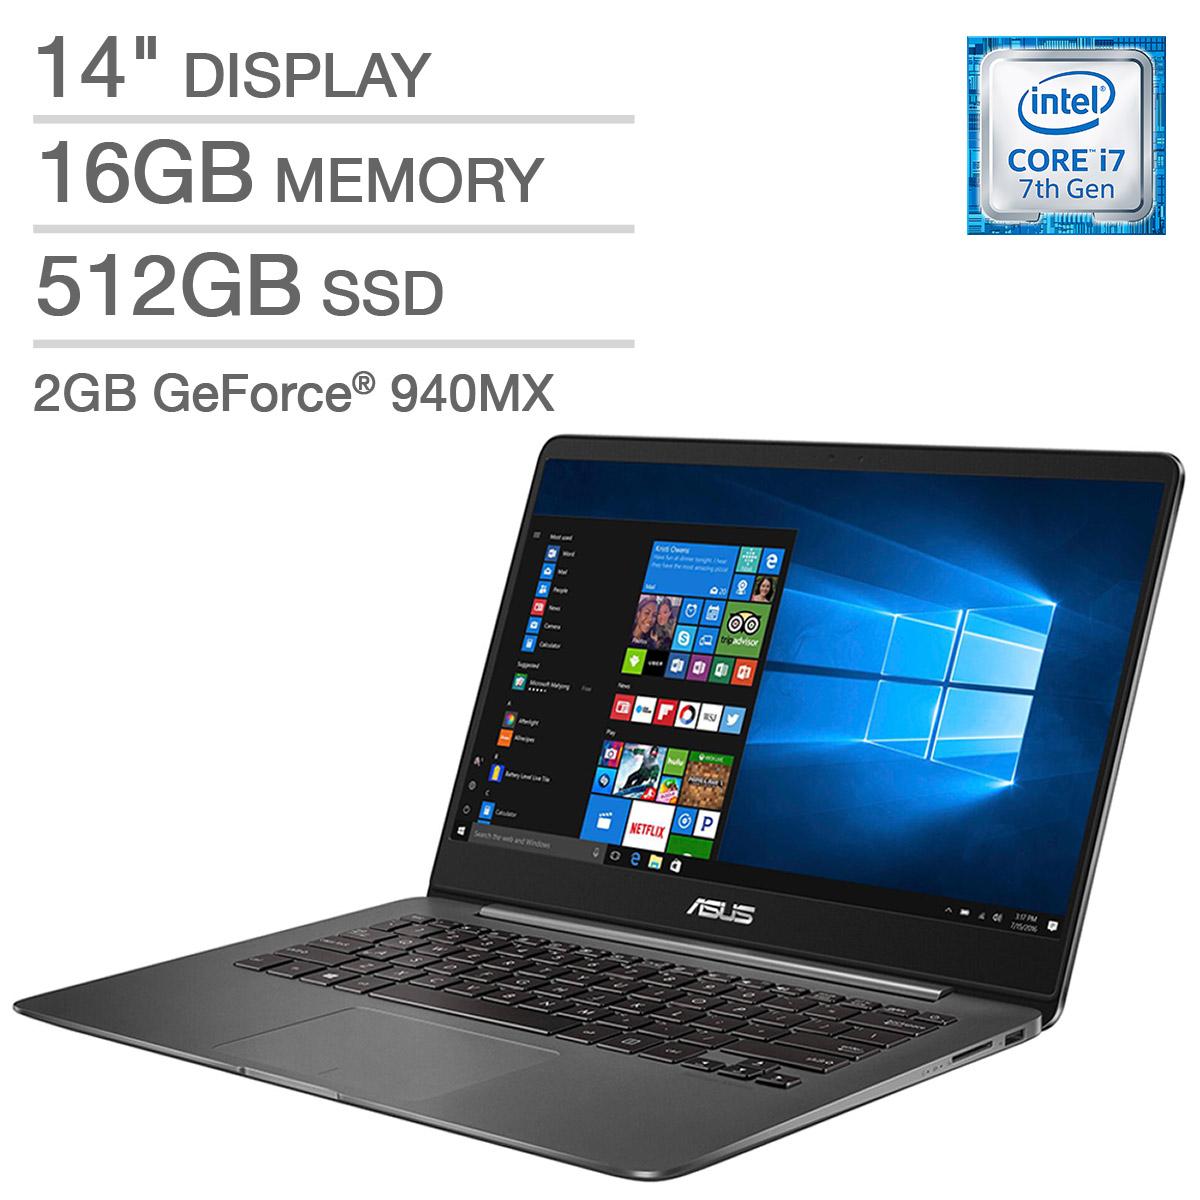 ASUS ZenBook UX430UQ - 14